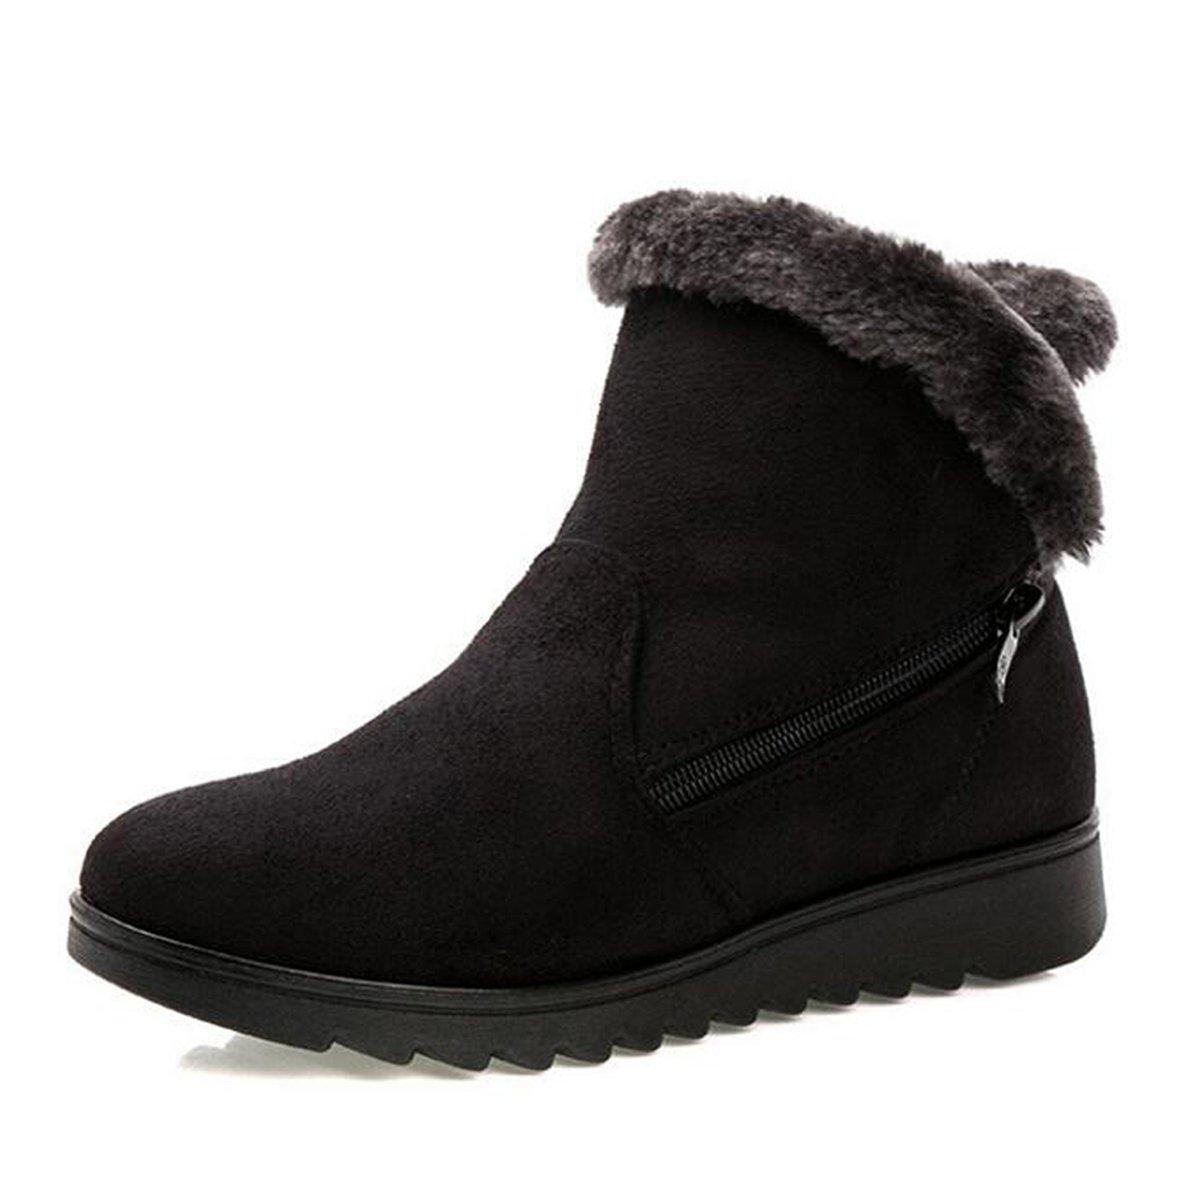 Dear Time Women Winter Warm Button Snow Boots B075FTWLH8 7.5 B(M) US|Black Zipper